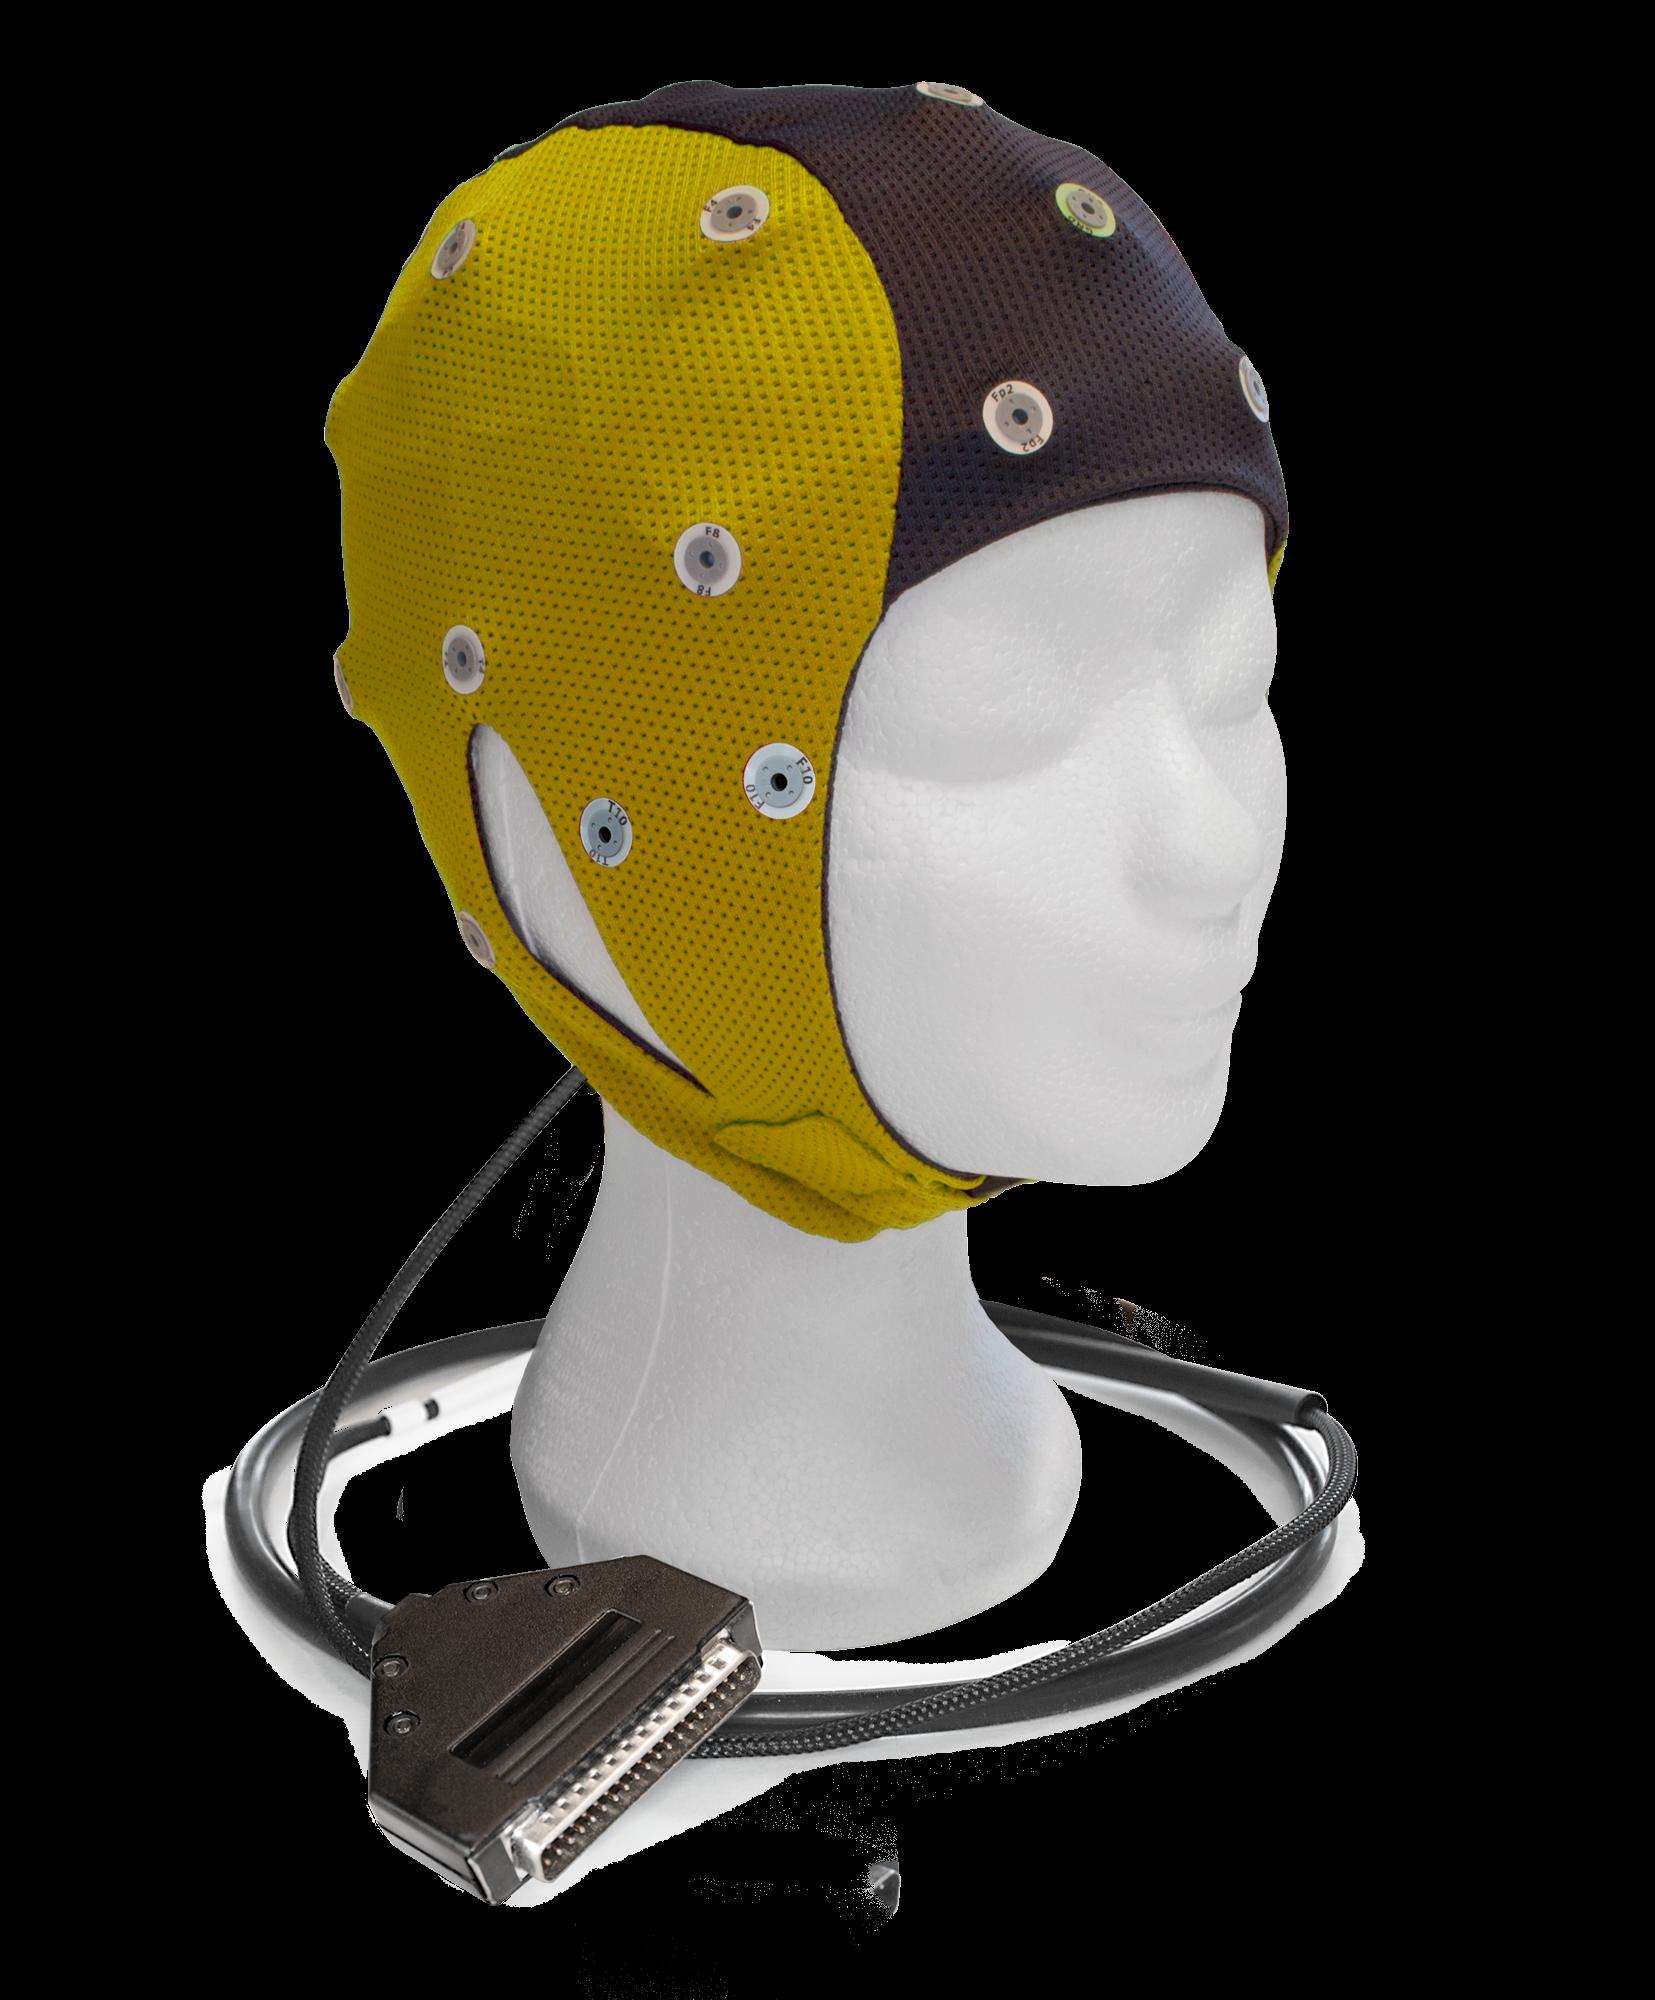 EEG čepice ANT-Neuro IFCN waveguard™ connect: B (36 – 39 cm, Žlutá)